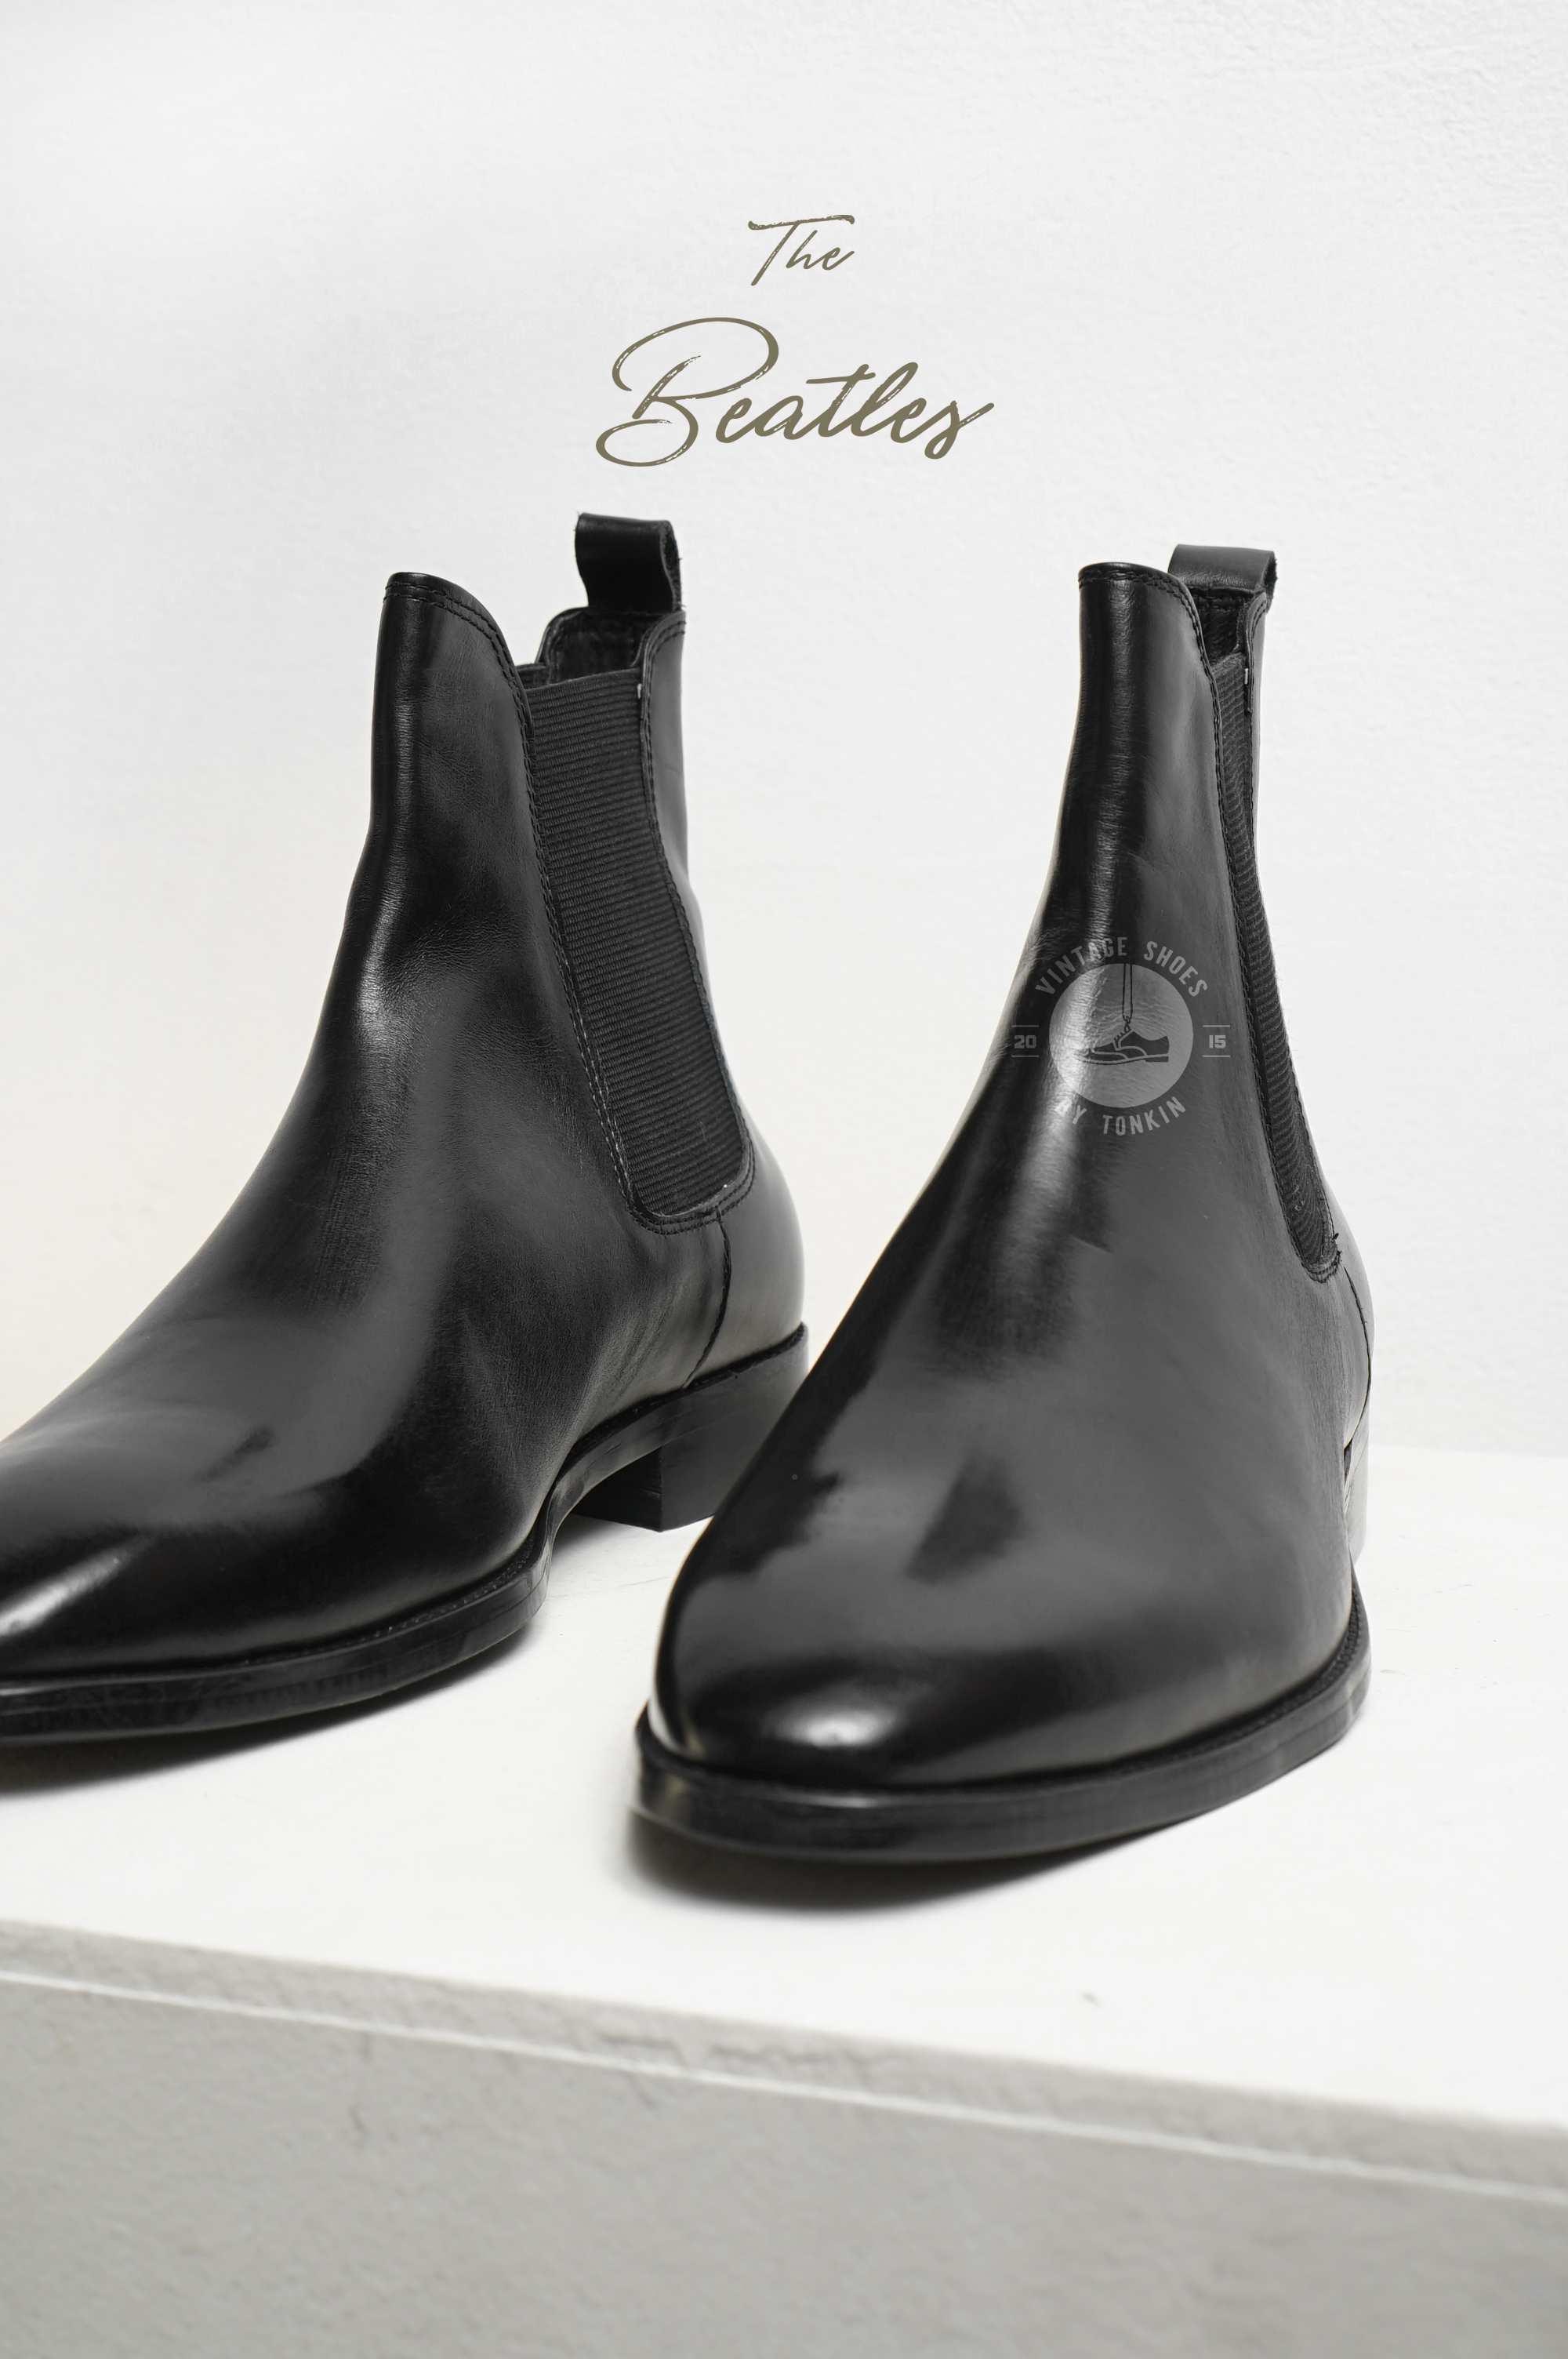 Giày CHELSEA Boot Nam Cổ Cao Phong Cách THE BEATLES Da Thật Mũi Nhọn Đế Phíp Văn Phòng Sartorial Bảo Hành 1 Năm